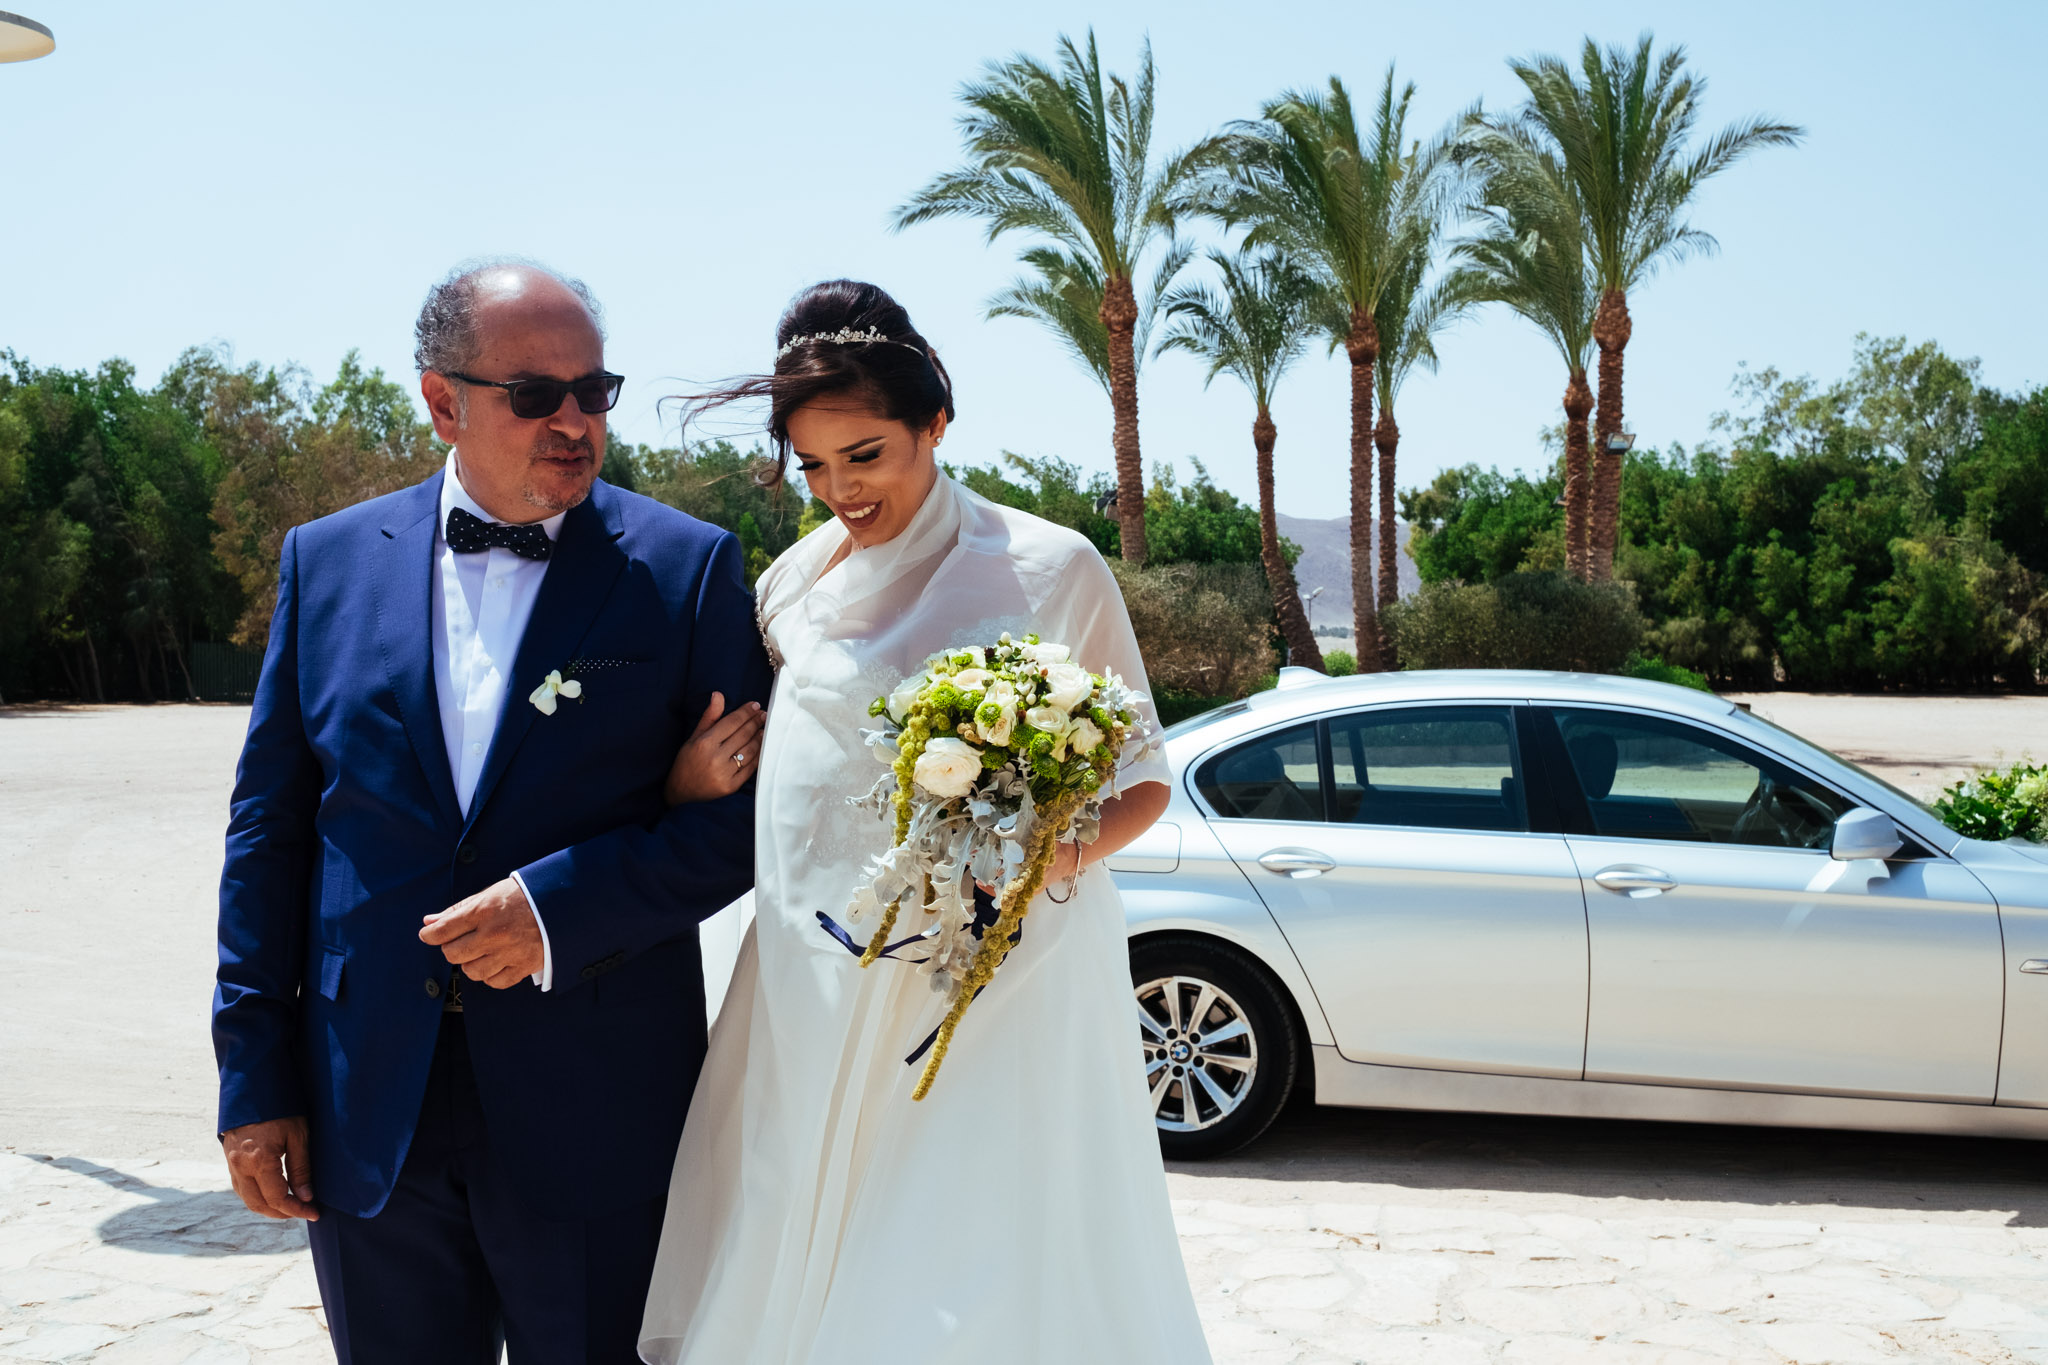 wedding-in-egitto-18.jpg